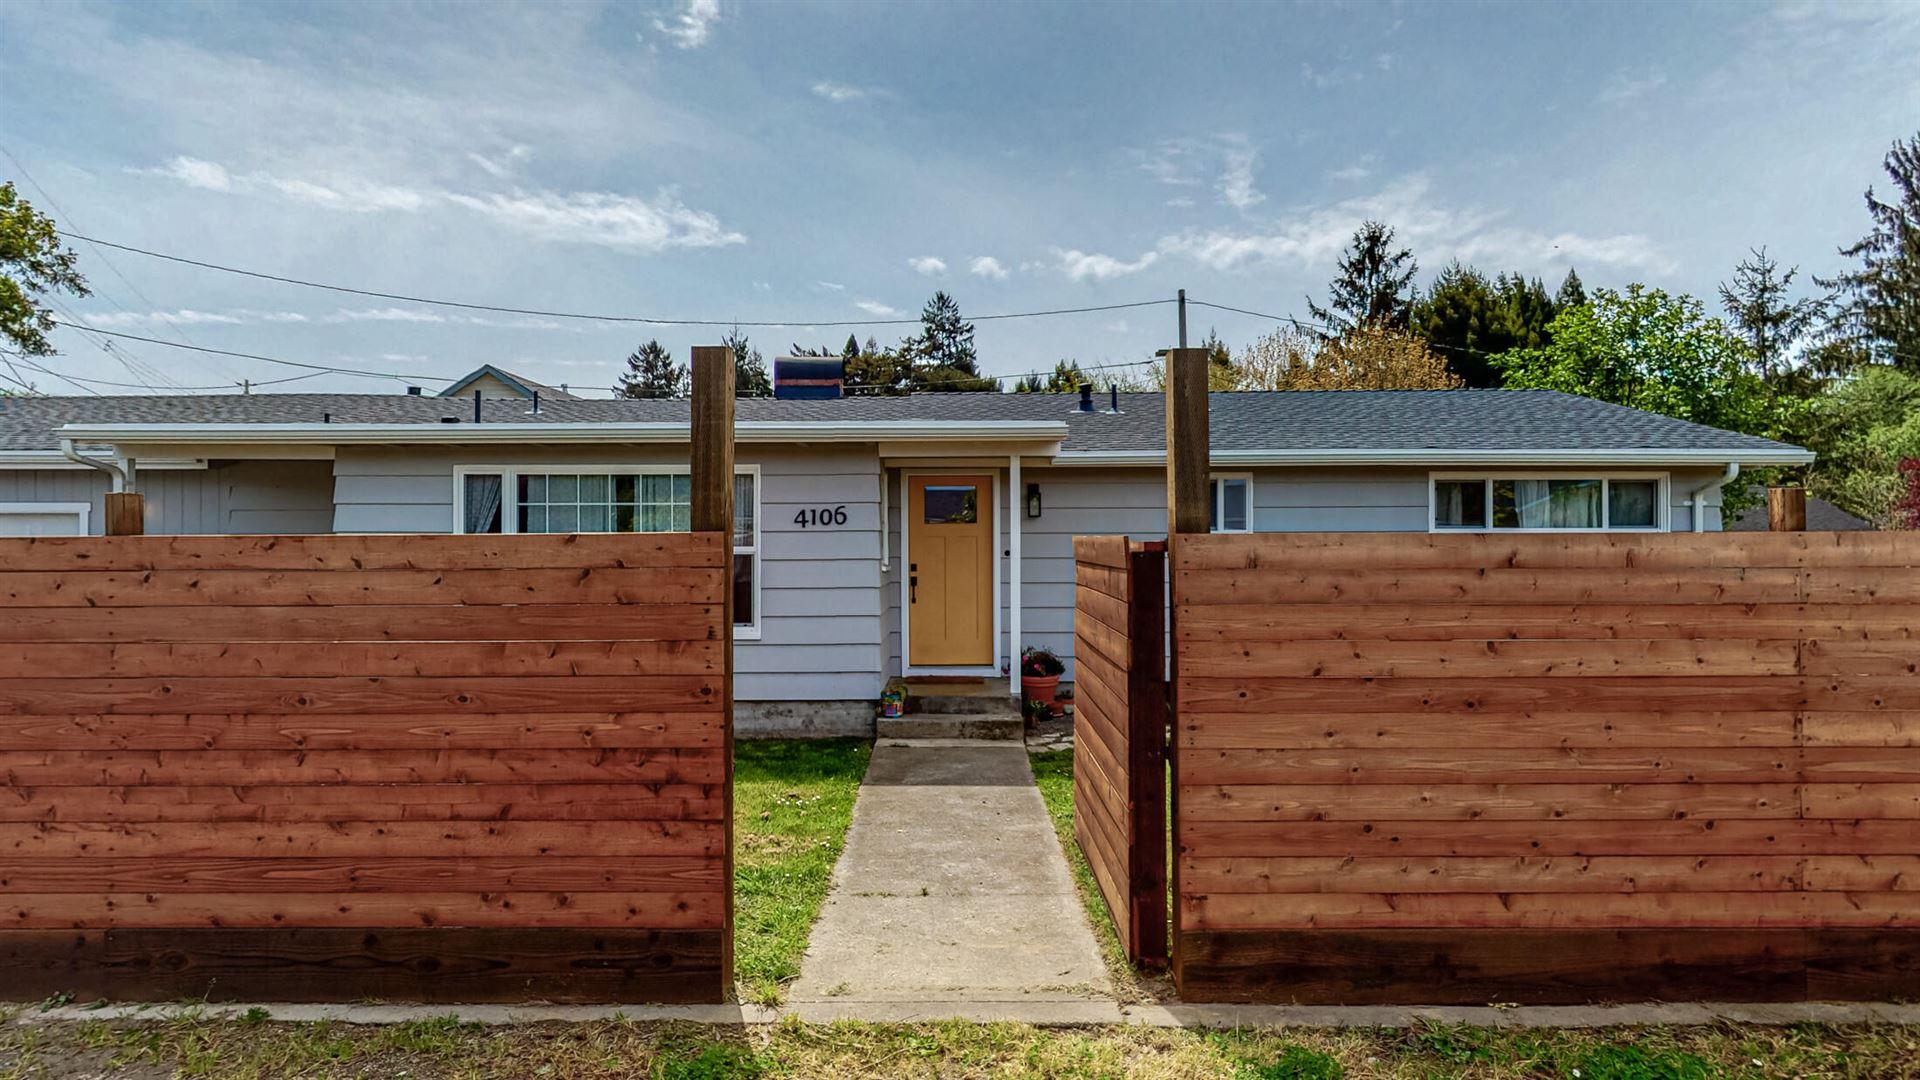 4106 Excelsior Road, Eureka, CA 95503 - MLS#: 258987